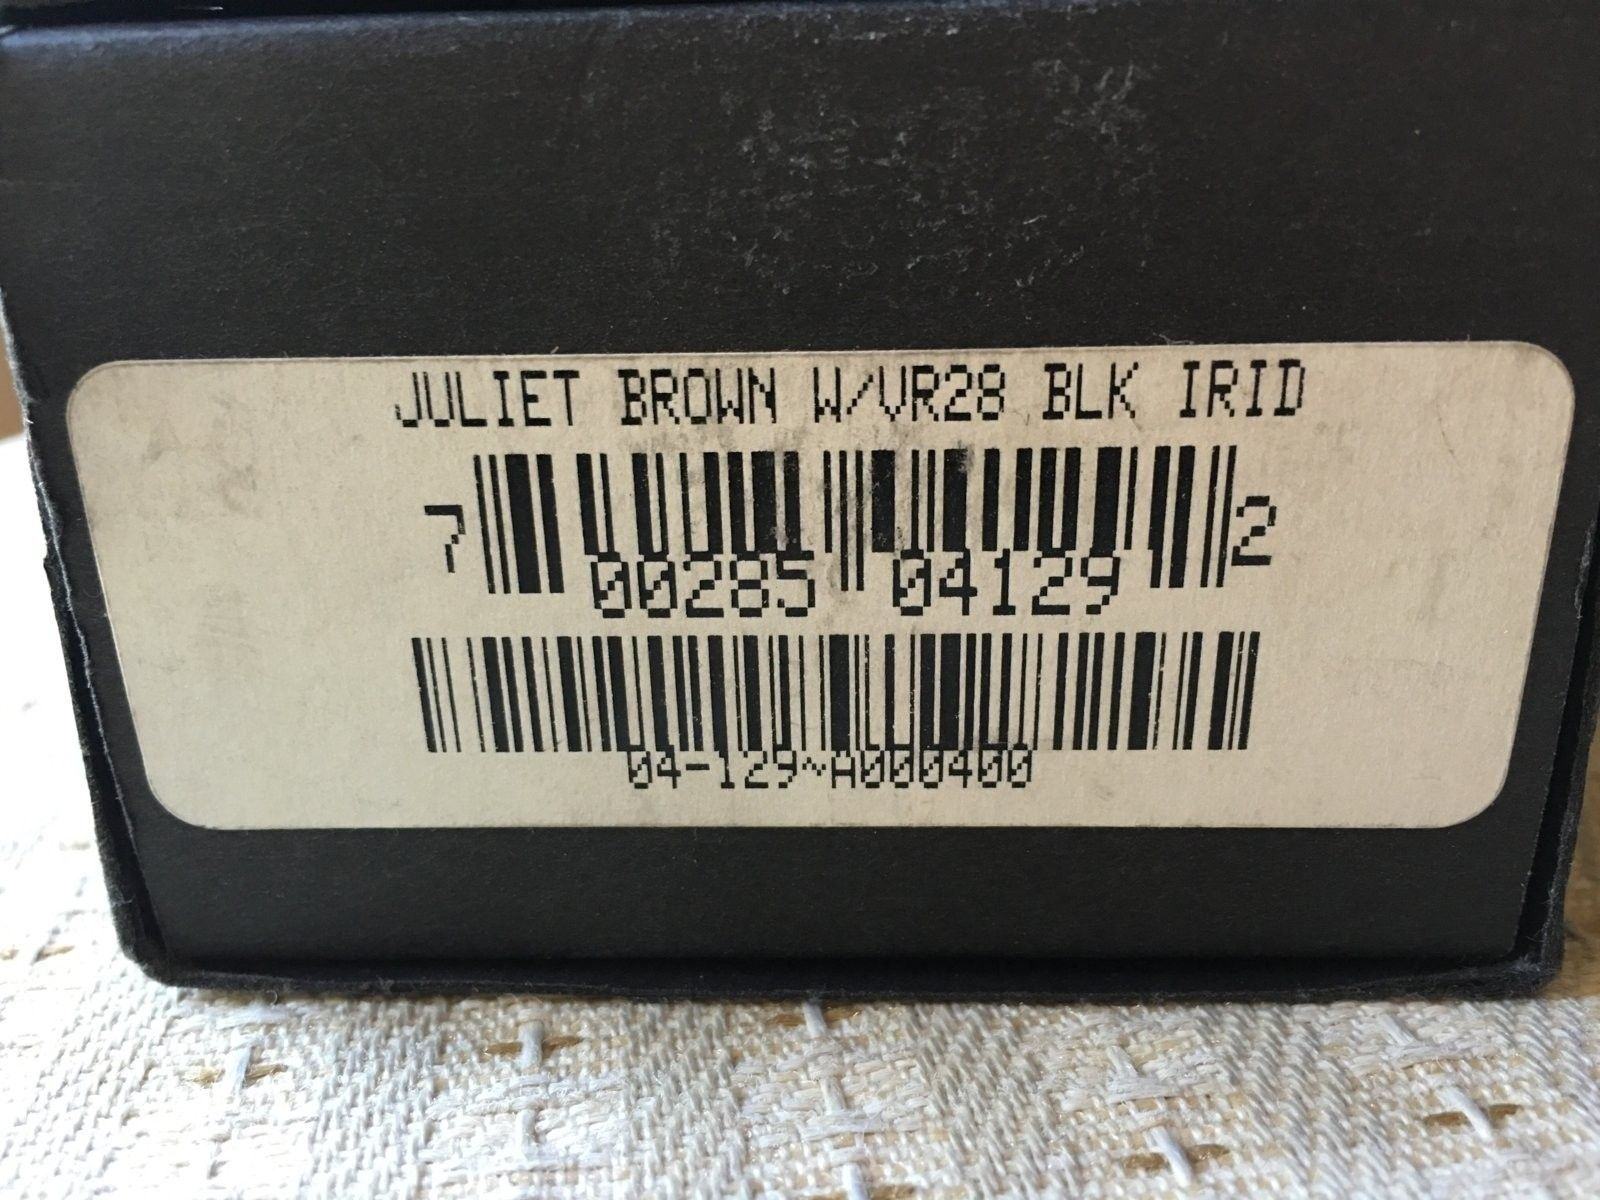 NIB Juliet Brown JBR #400 - JBR 1.jpg